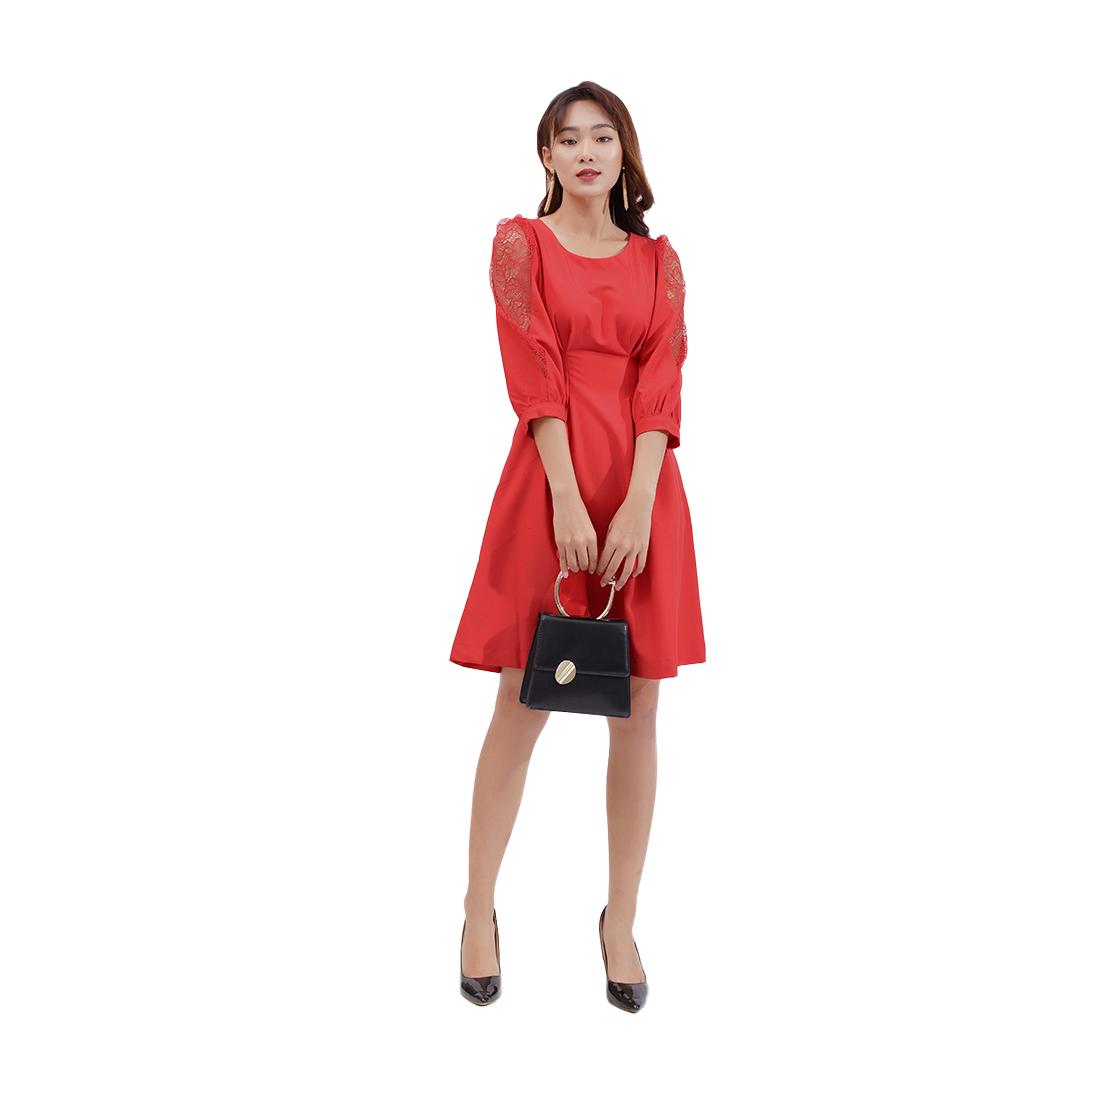 Đầm xòe thời trang Eden tay lỡ phối ren màu đỏ – D385